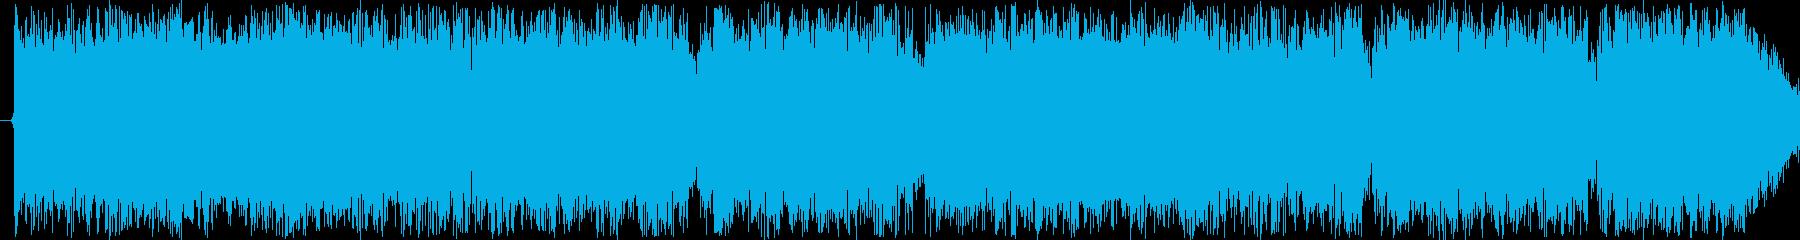 【★危険/アラート/閉鎖空間/映画】の再生済みの波形